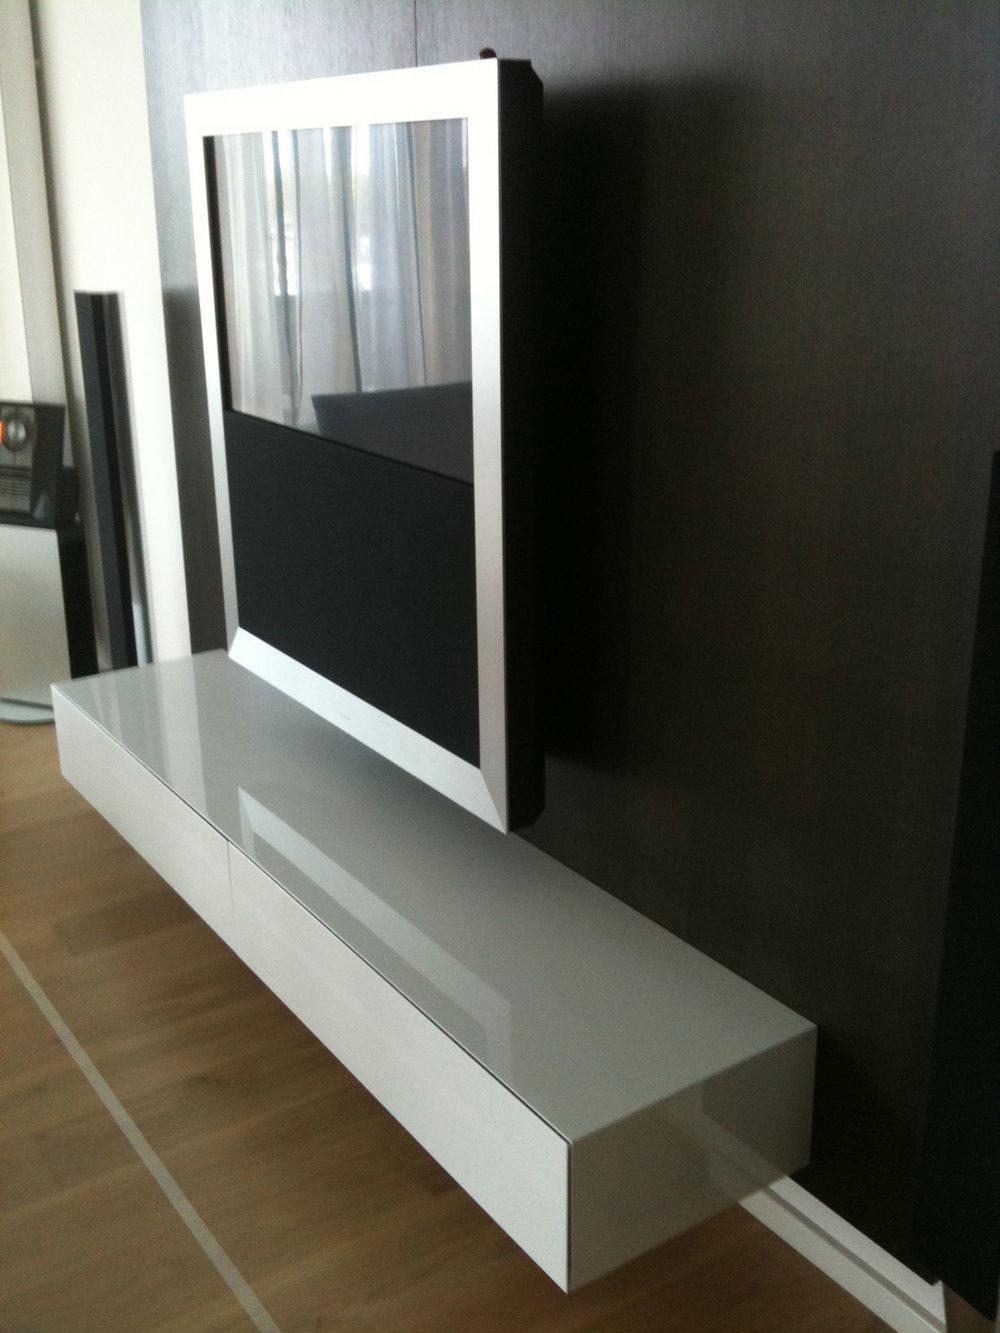 Maatwerk wand dressoir hoogglans wit met klep naadloos afgewerkt. Ontwerp door InstallSolutions